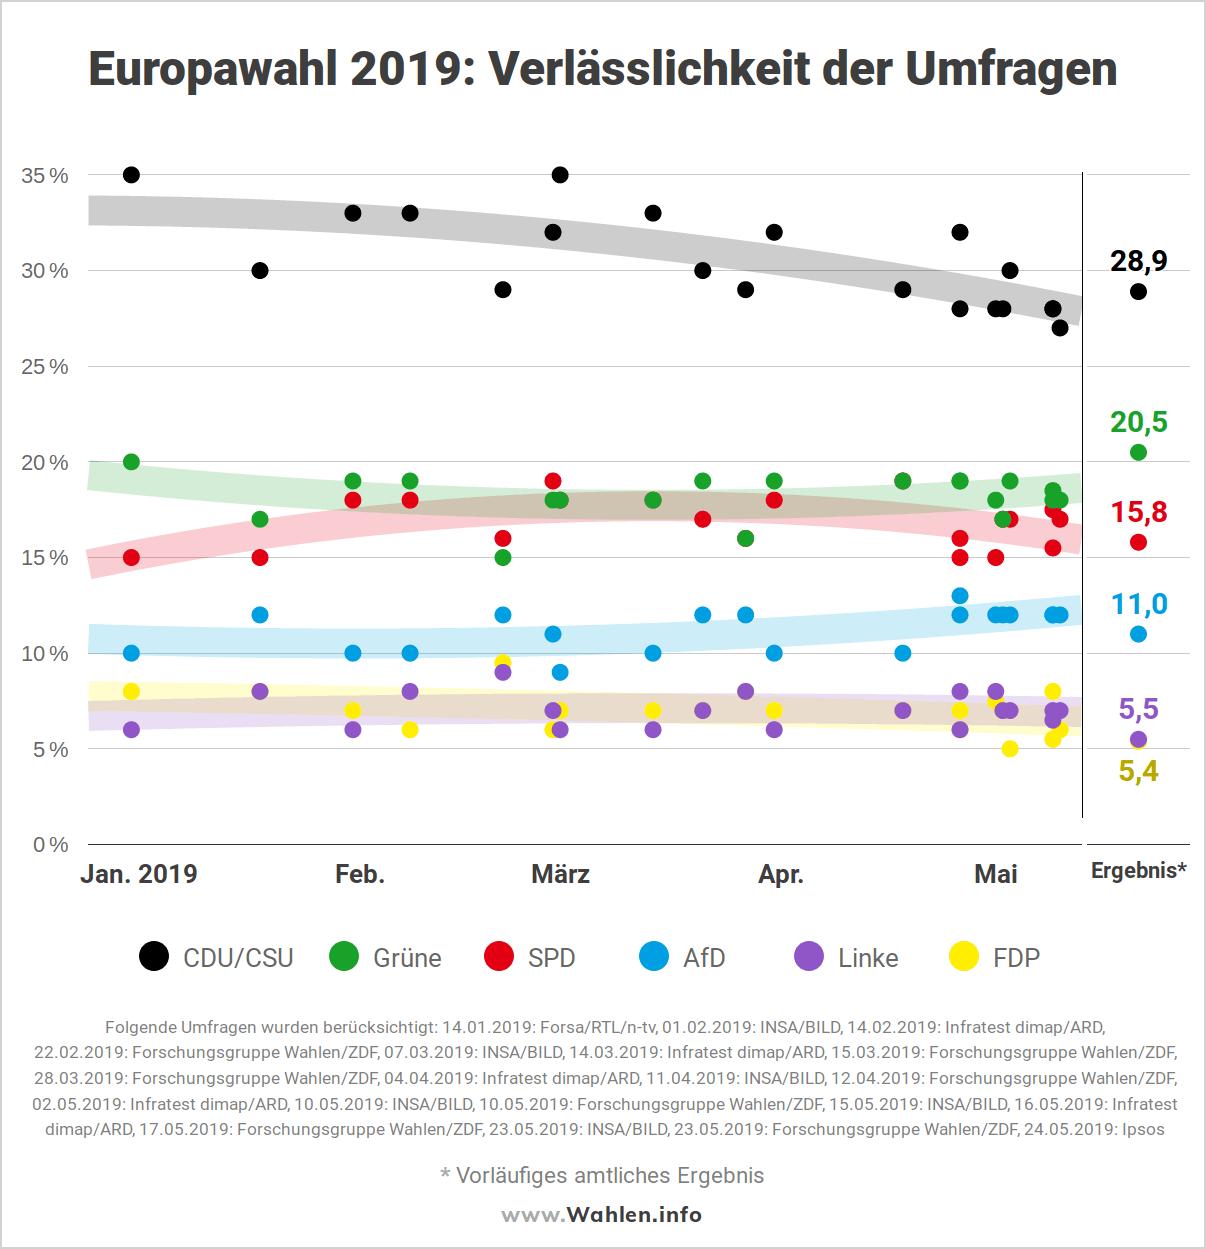 Europawahl 2019 - Verlässlichkeit der Umfragen bei Europawahlen